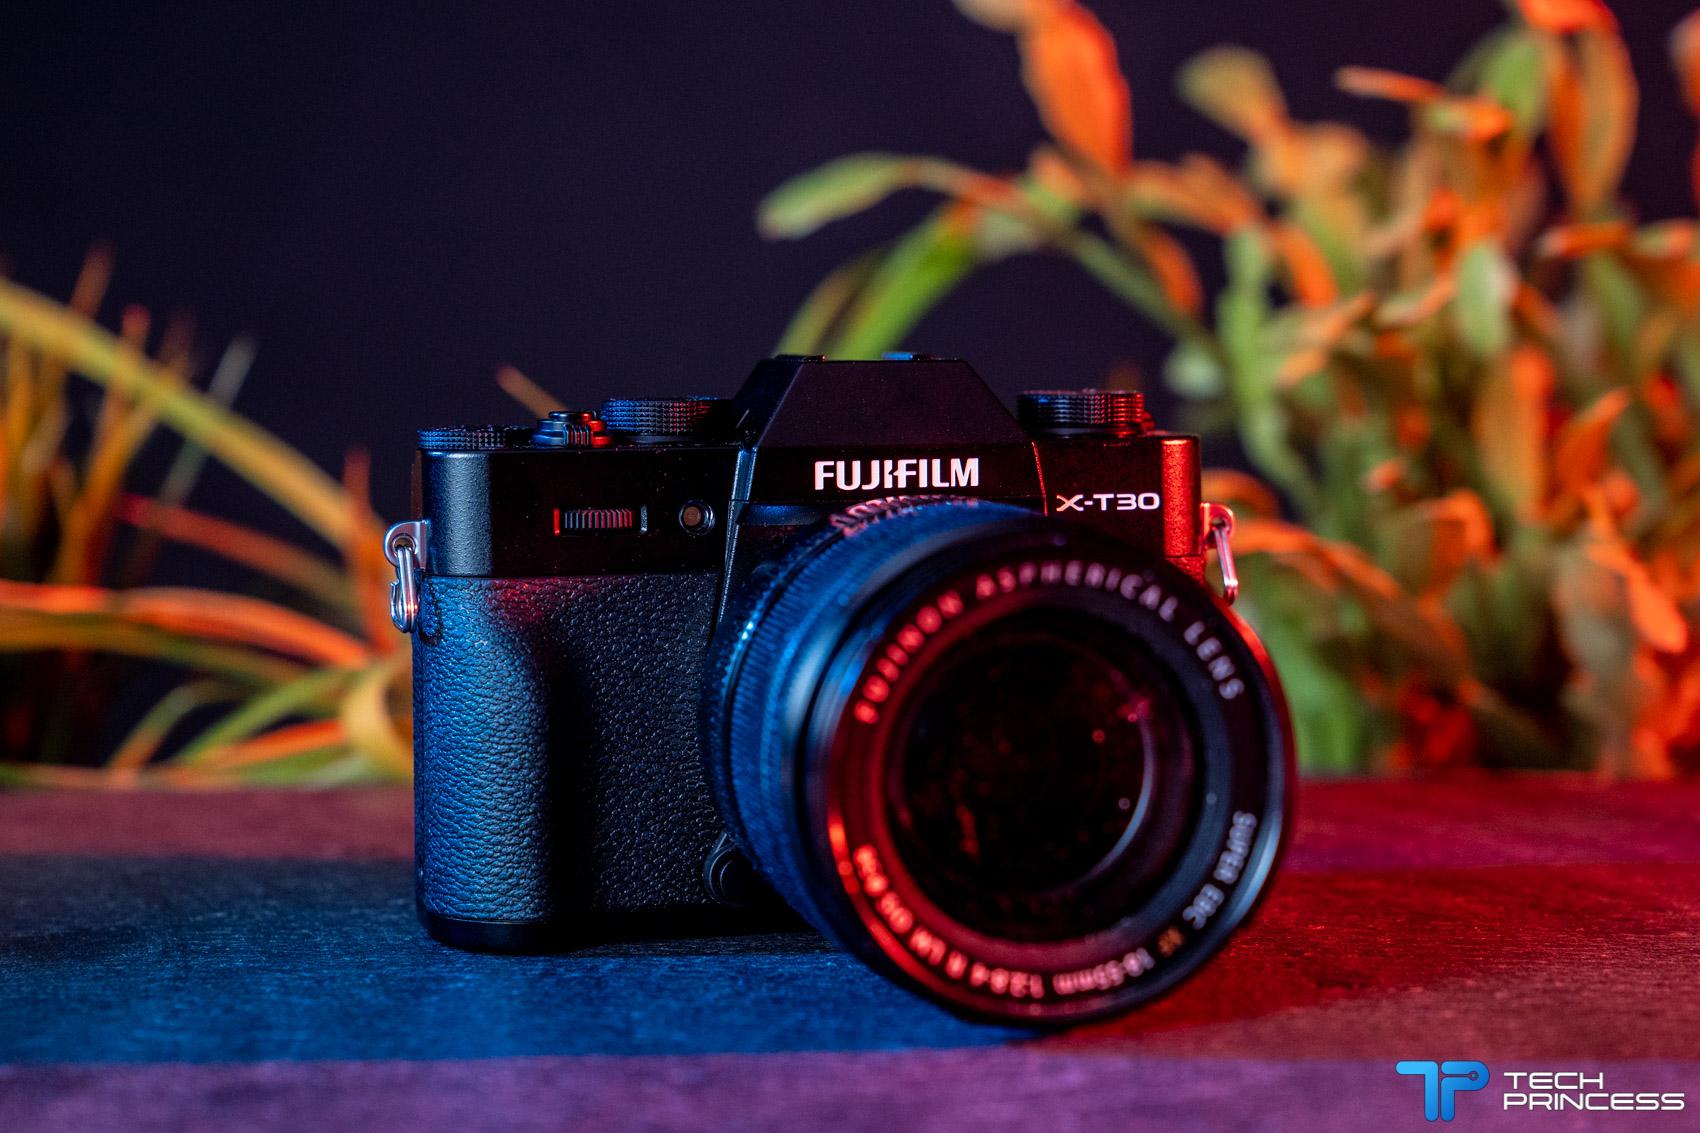 Fujifilm X-T30 recensione: la mirrorless da acquistare? thumbnail